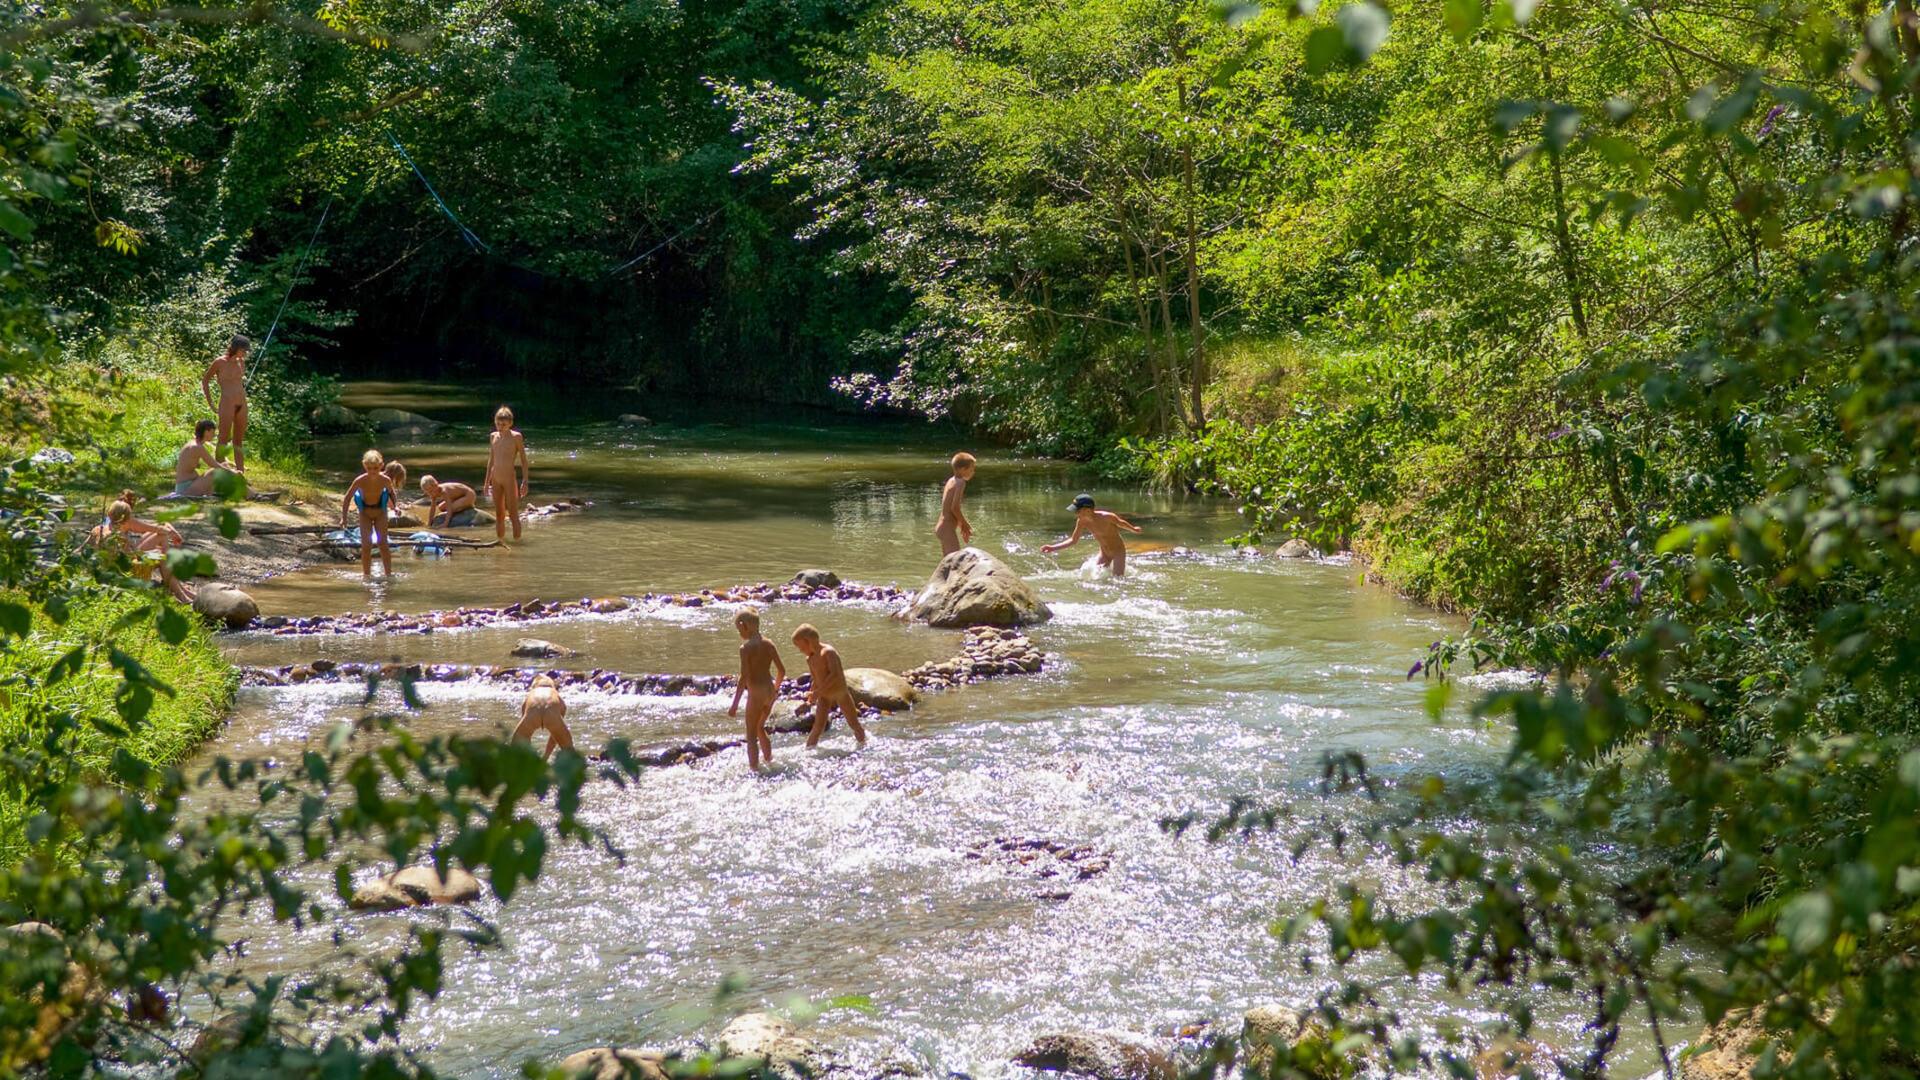 naturistisch domein met rivier